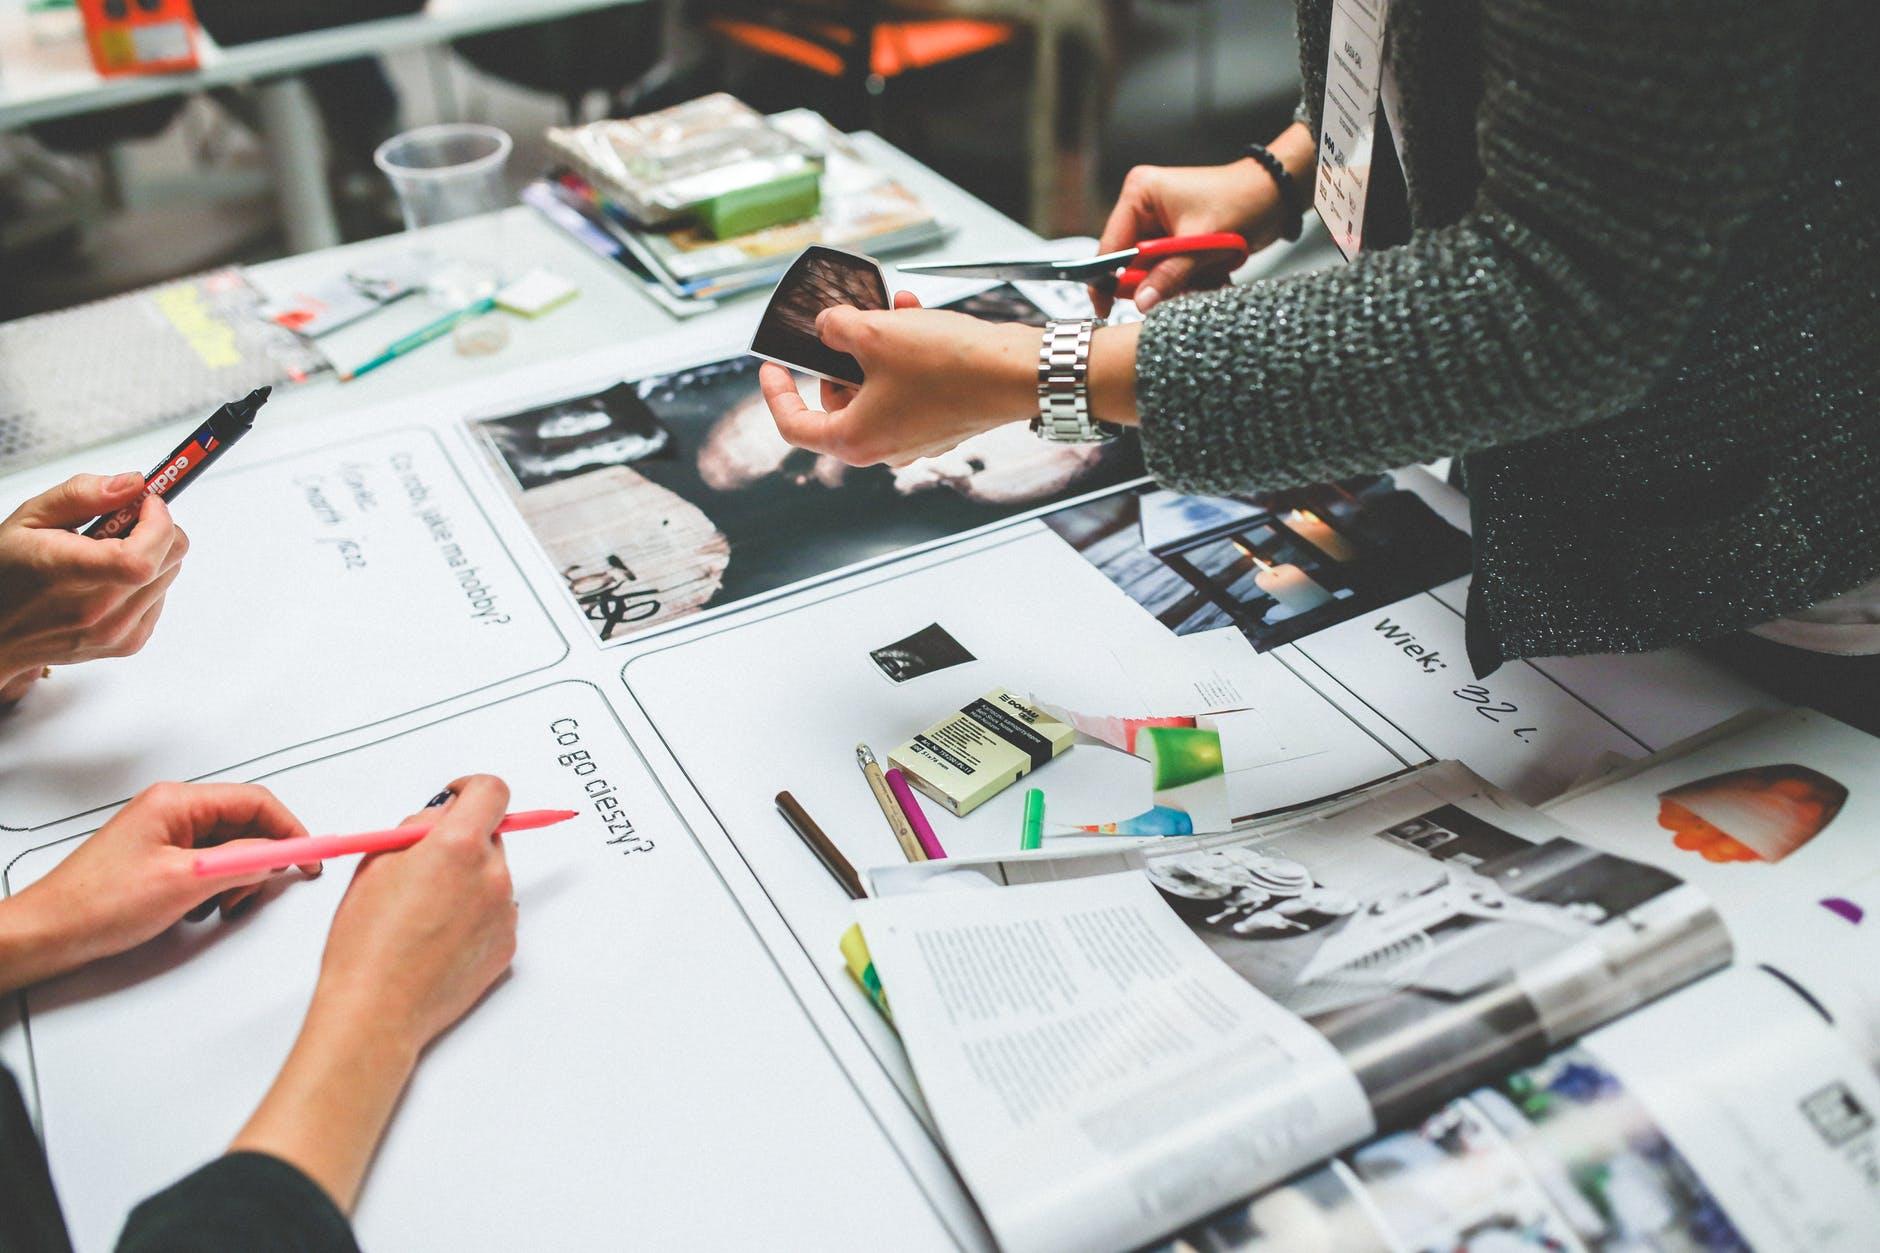 Ide Bisnis Kreatif Ini Bisa Jadi Uang Jajan Bagi Mahasiswa